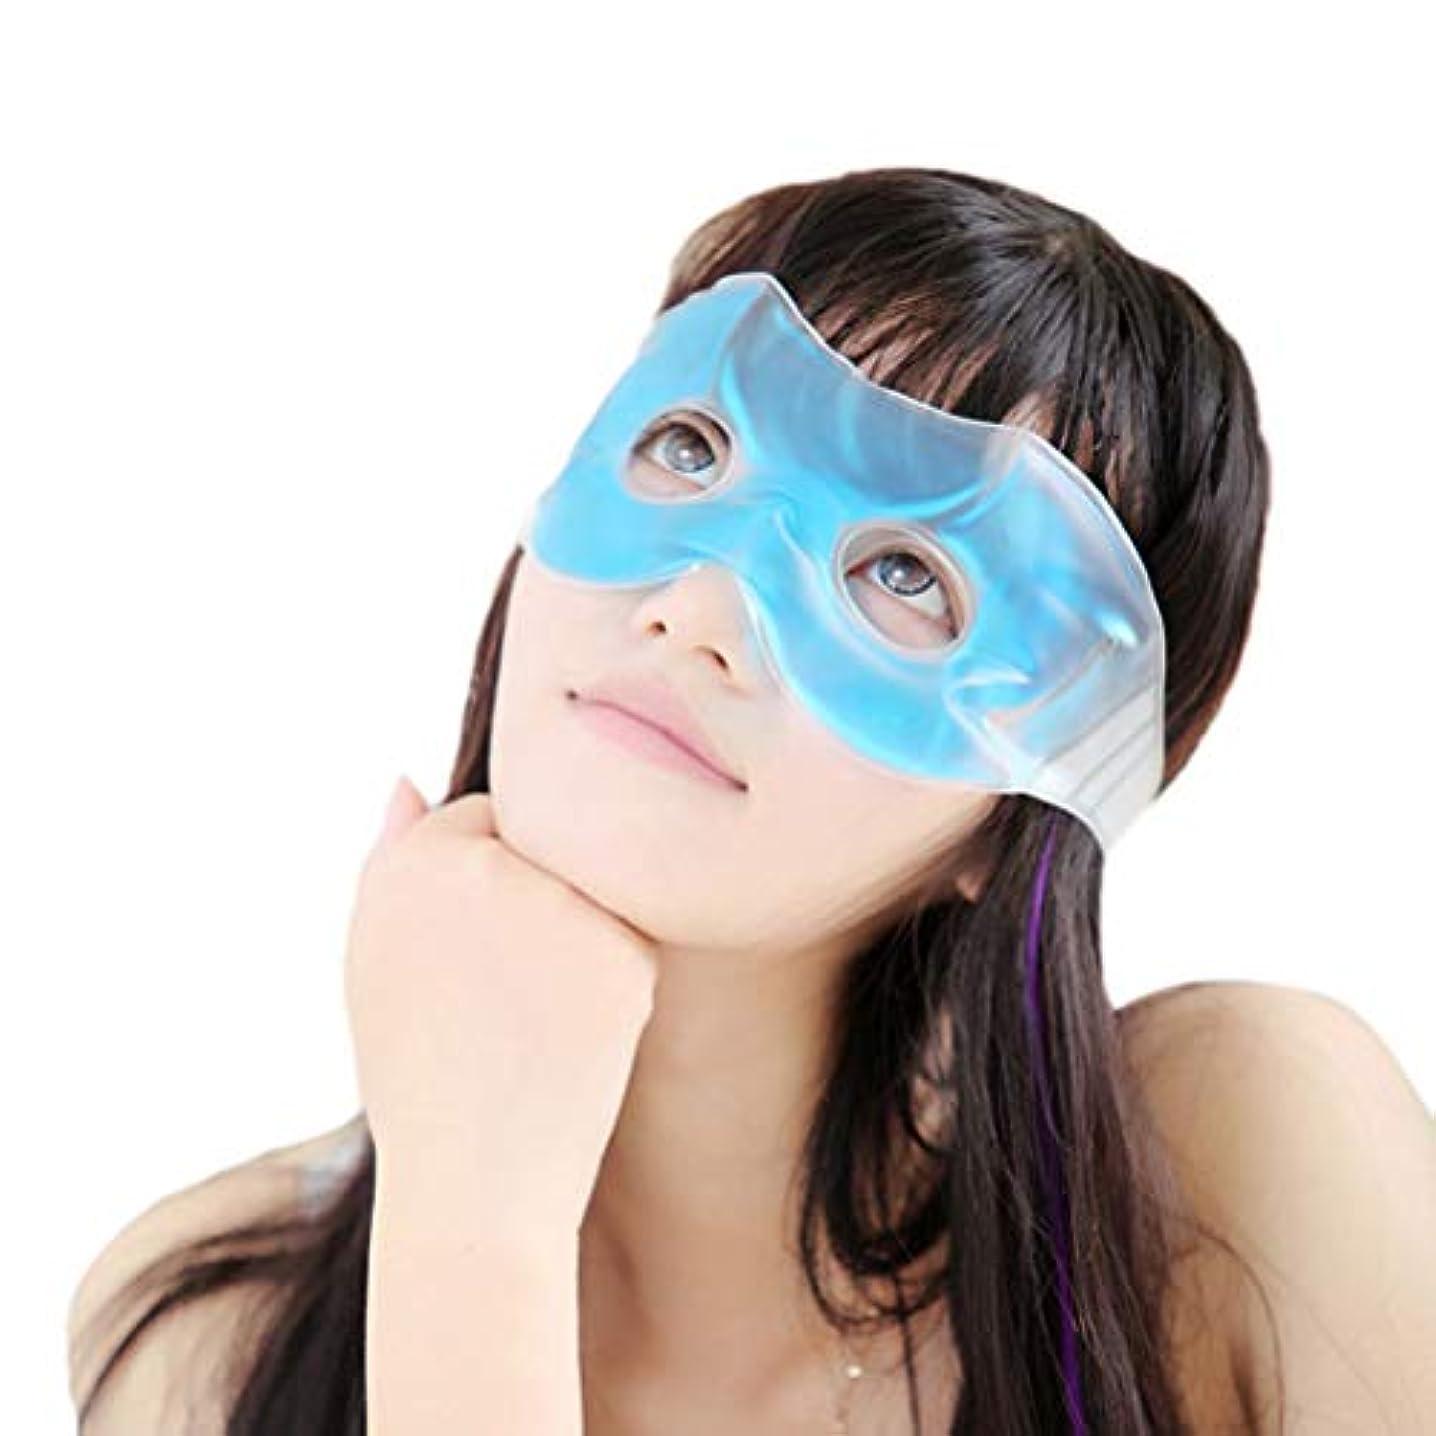 テセウスである精緻化Healifty アイマスク ゲル アイスパッド アイスアイマスク 目隠し リラックス 冷却 パック 再使用可能 目の疲れ軽減 安眠 血行促進